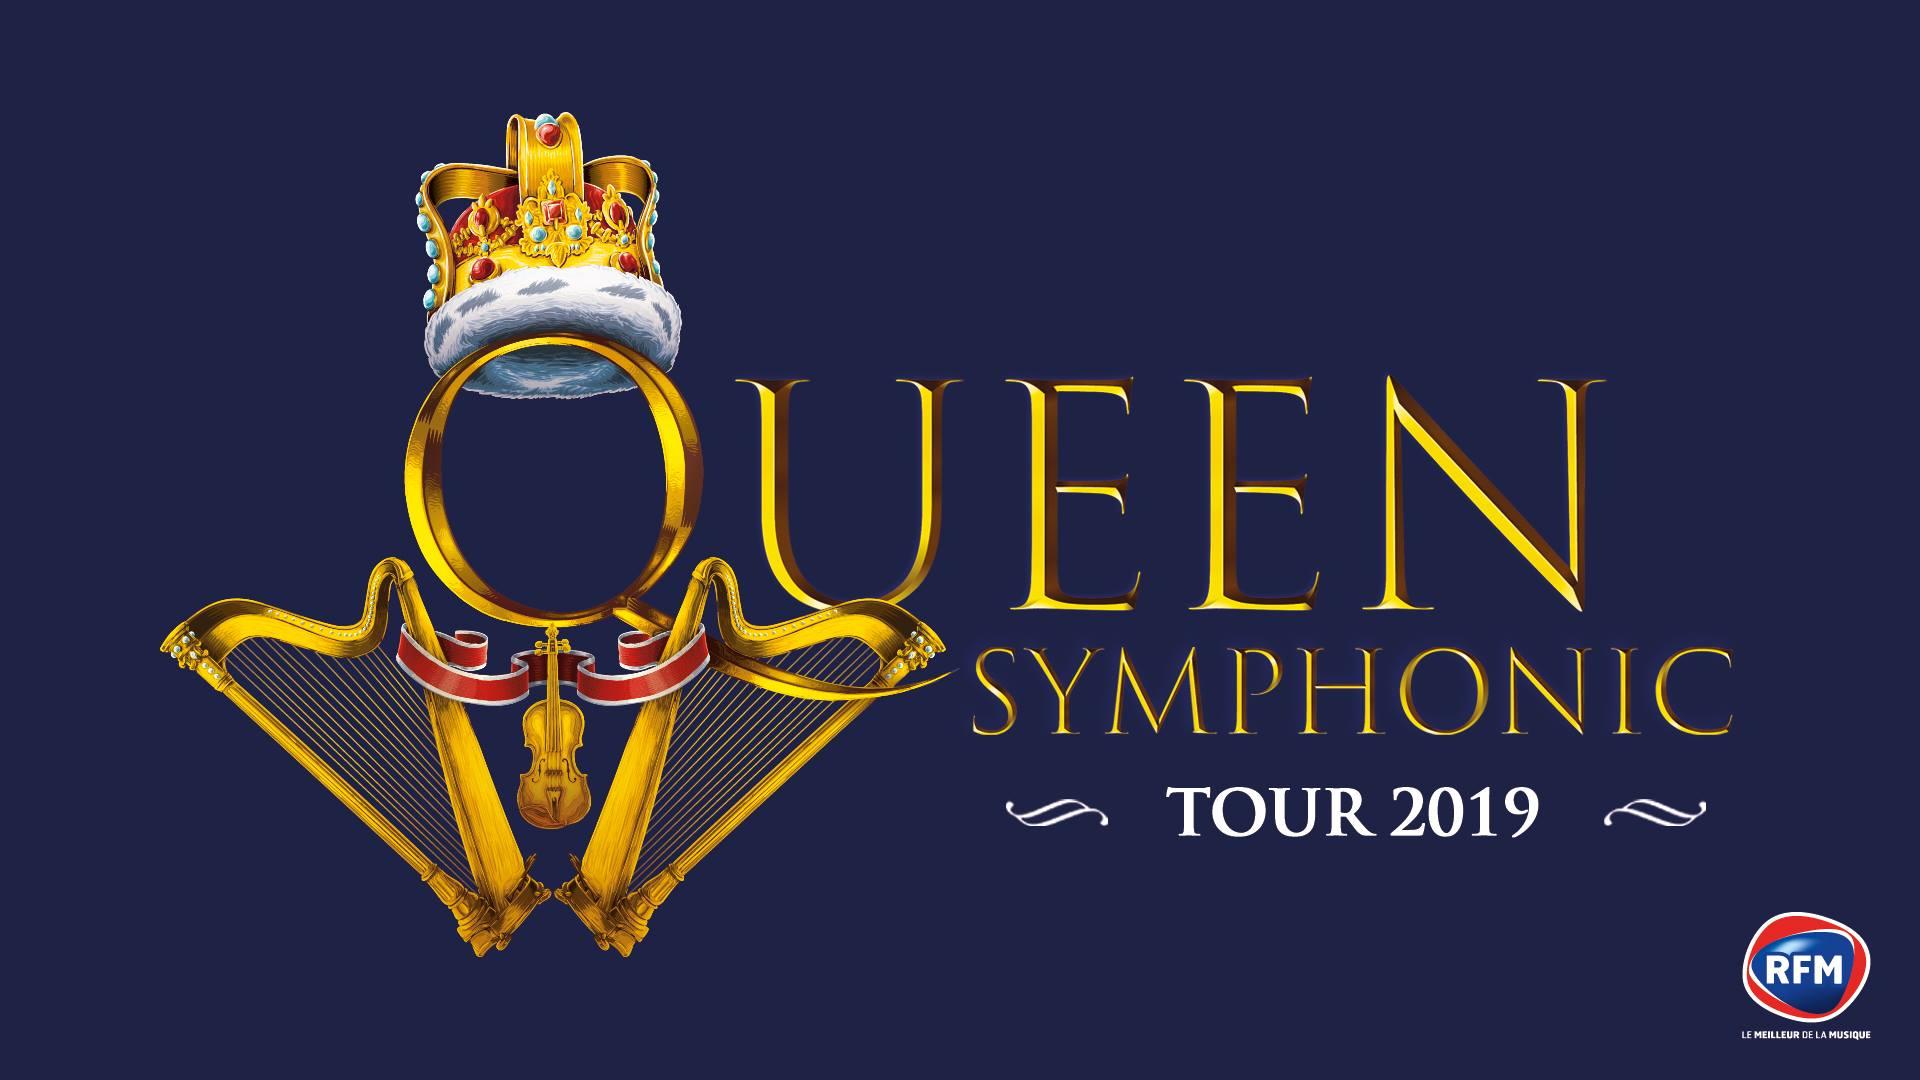 Queen Symphonic au Colisée